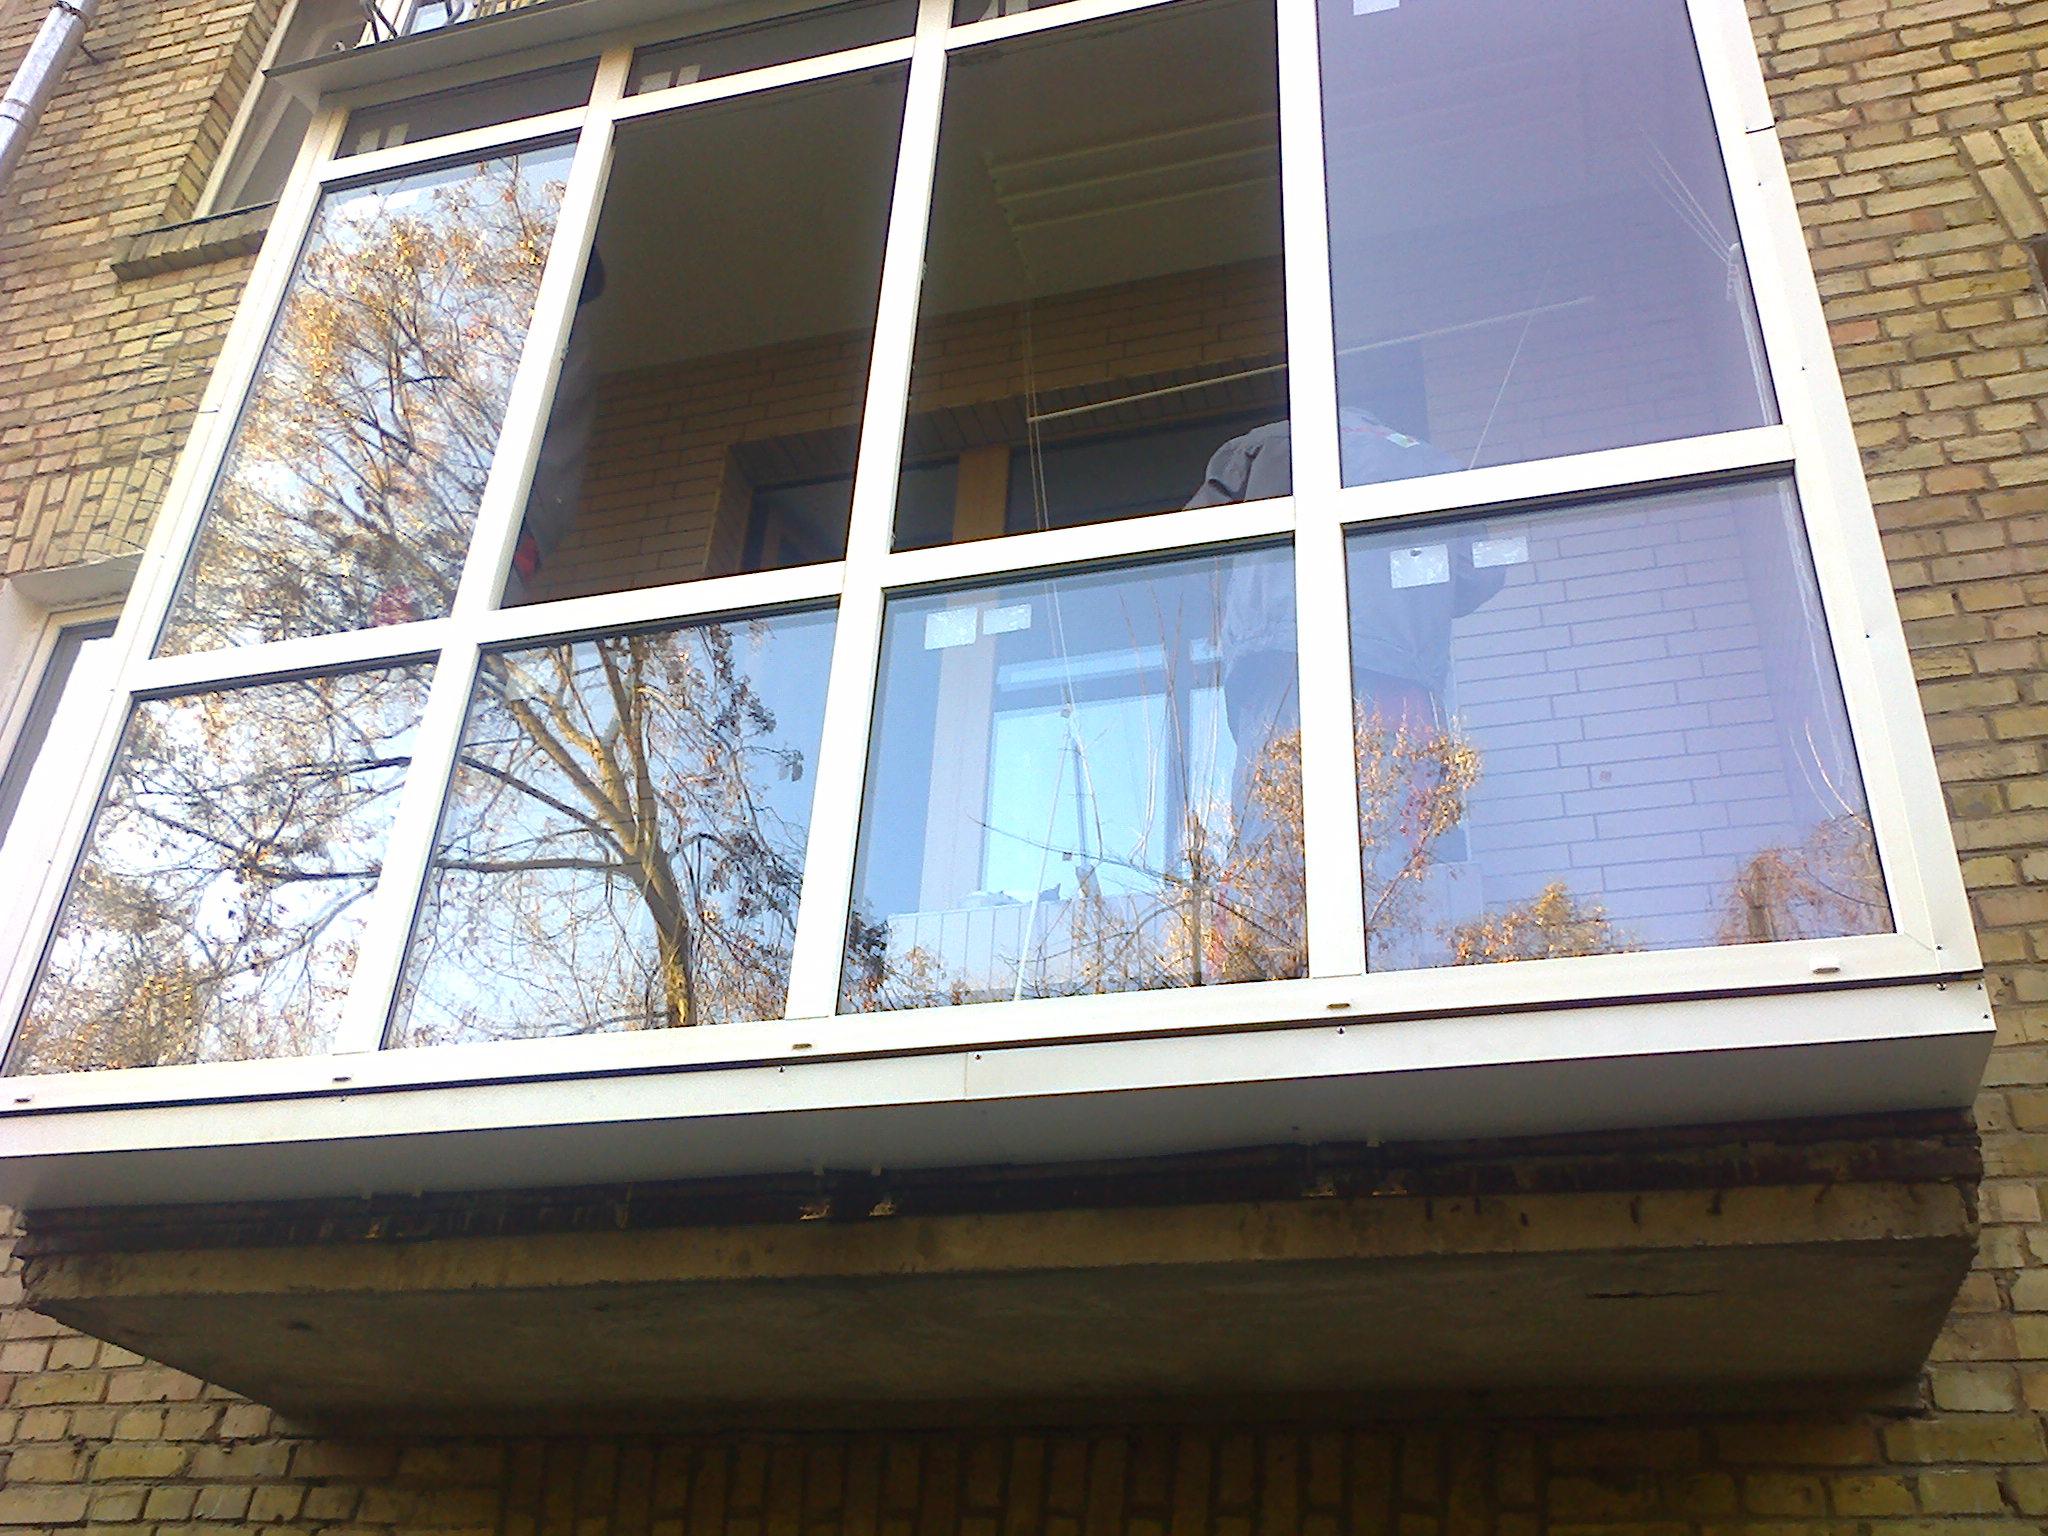 Остекление балконов/ лоджий под ключ фото. вынос балкона фот.